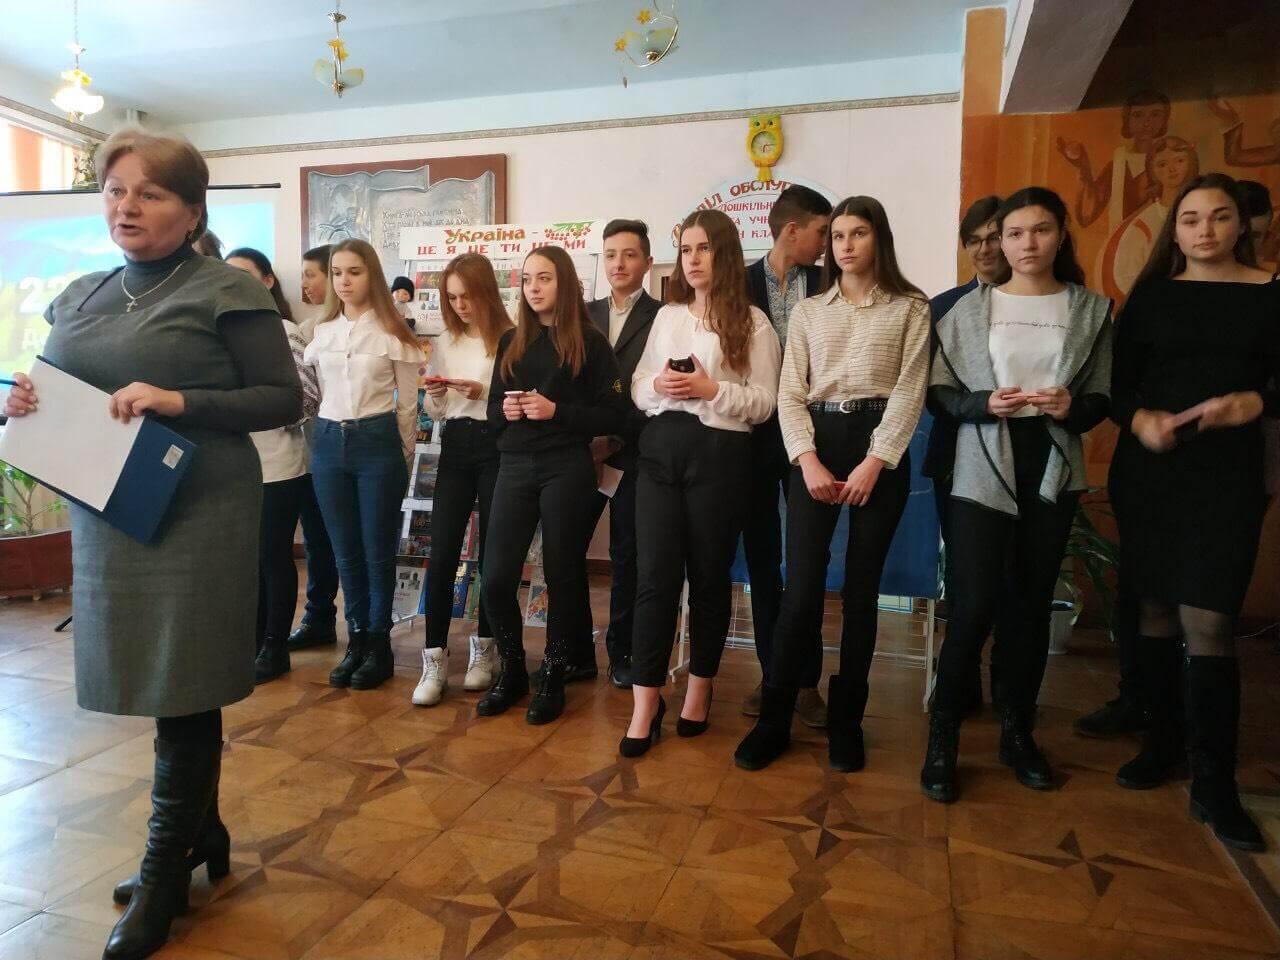 """0 02 04 02fe0c4e09eeeda1fd79671d1a38716d46d13f63ec497d1df1641d3bfe5a0170 full - Виховний захід """"Ми – це Україна"""""""